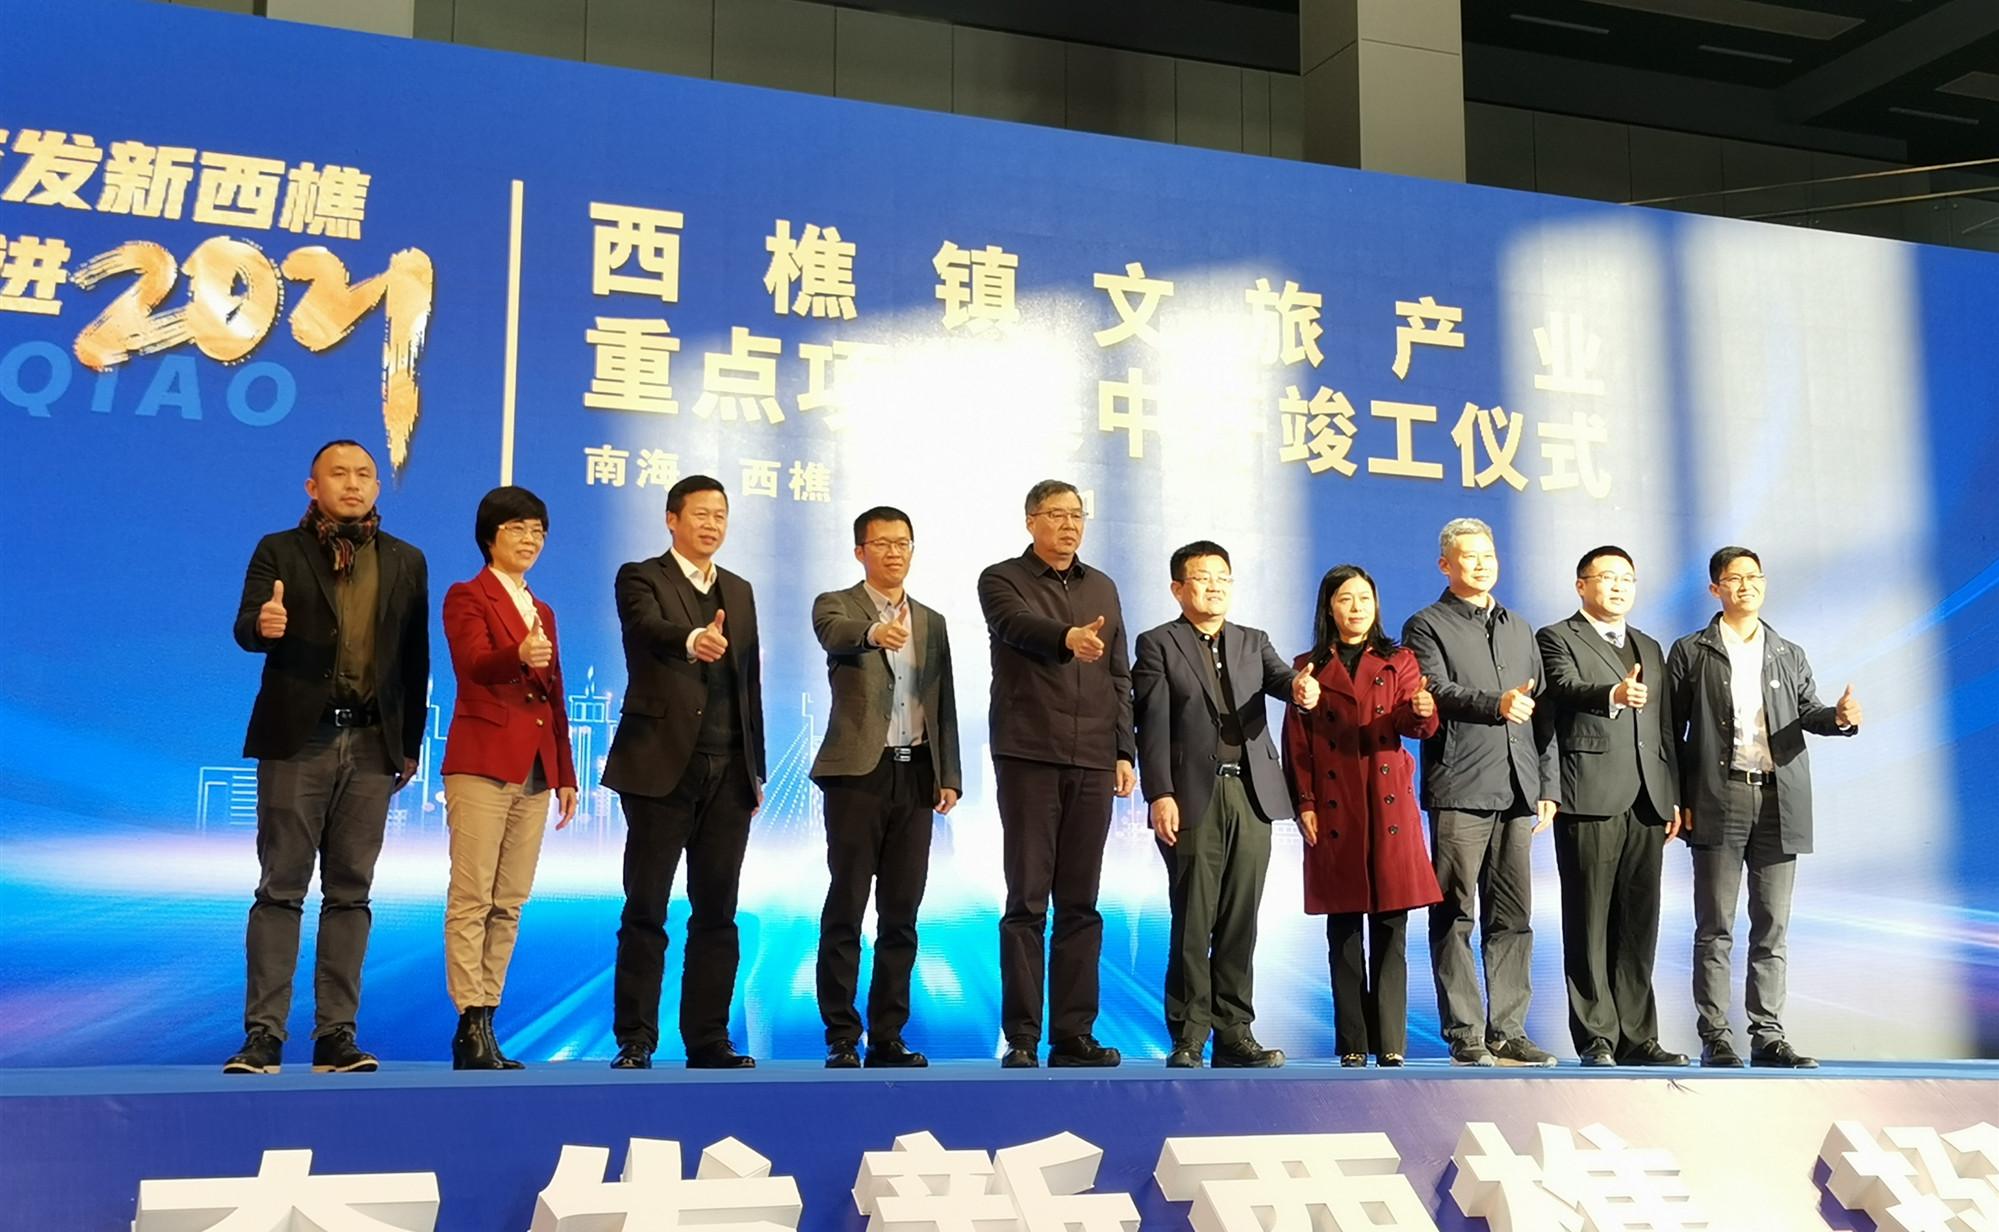 12月31日,西樵镇举行重点项目集中开竣工仪式